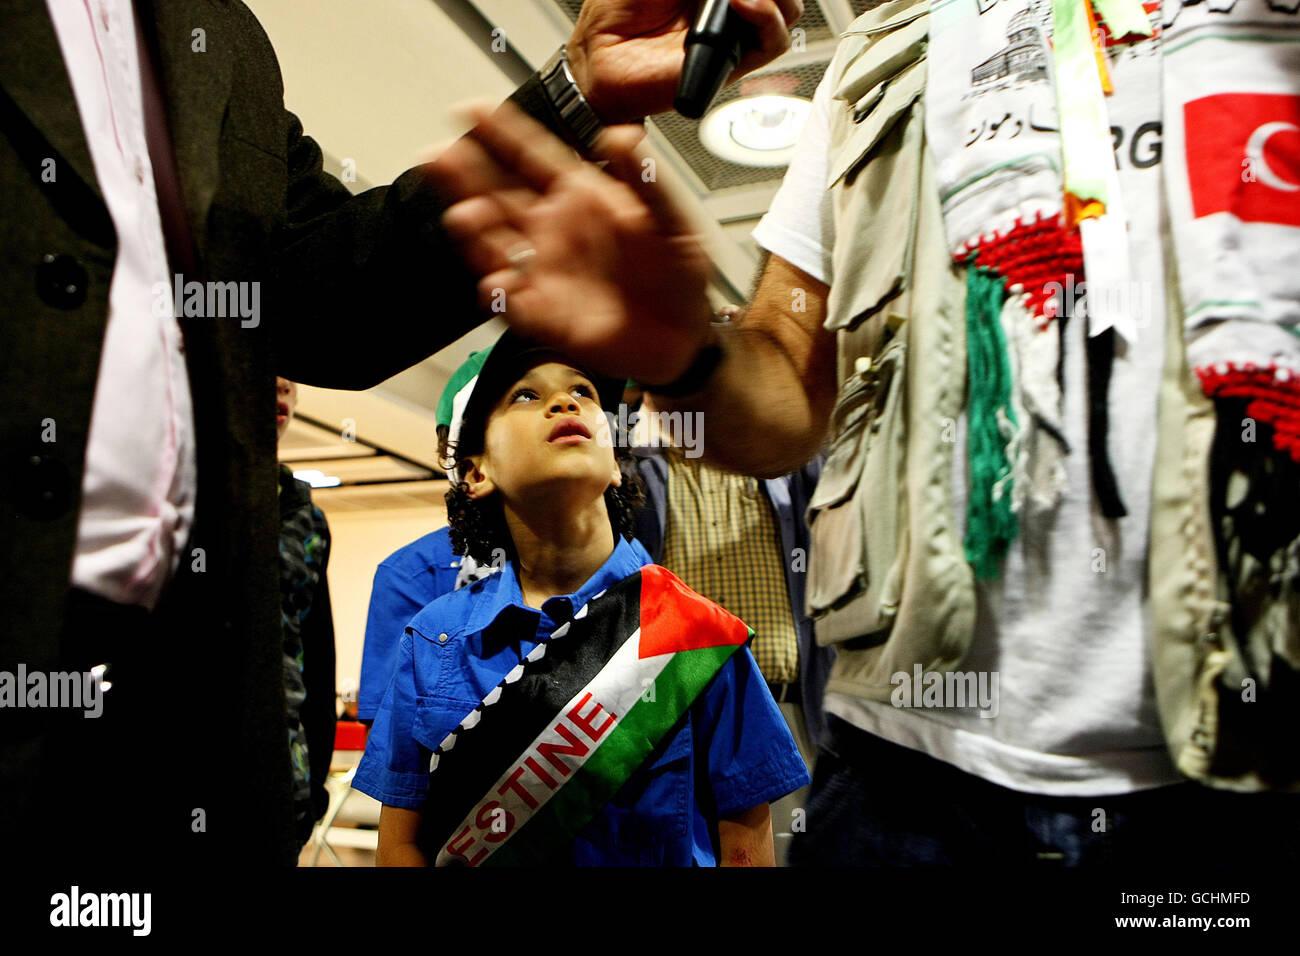 Abdul Hamid , neuf ans, regarde son père Al Mahdi Al Harati, parle à la presse à l'aéroport de Dublin. Banque D'Images